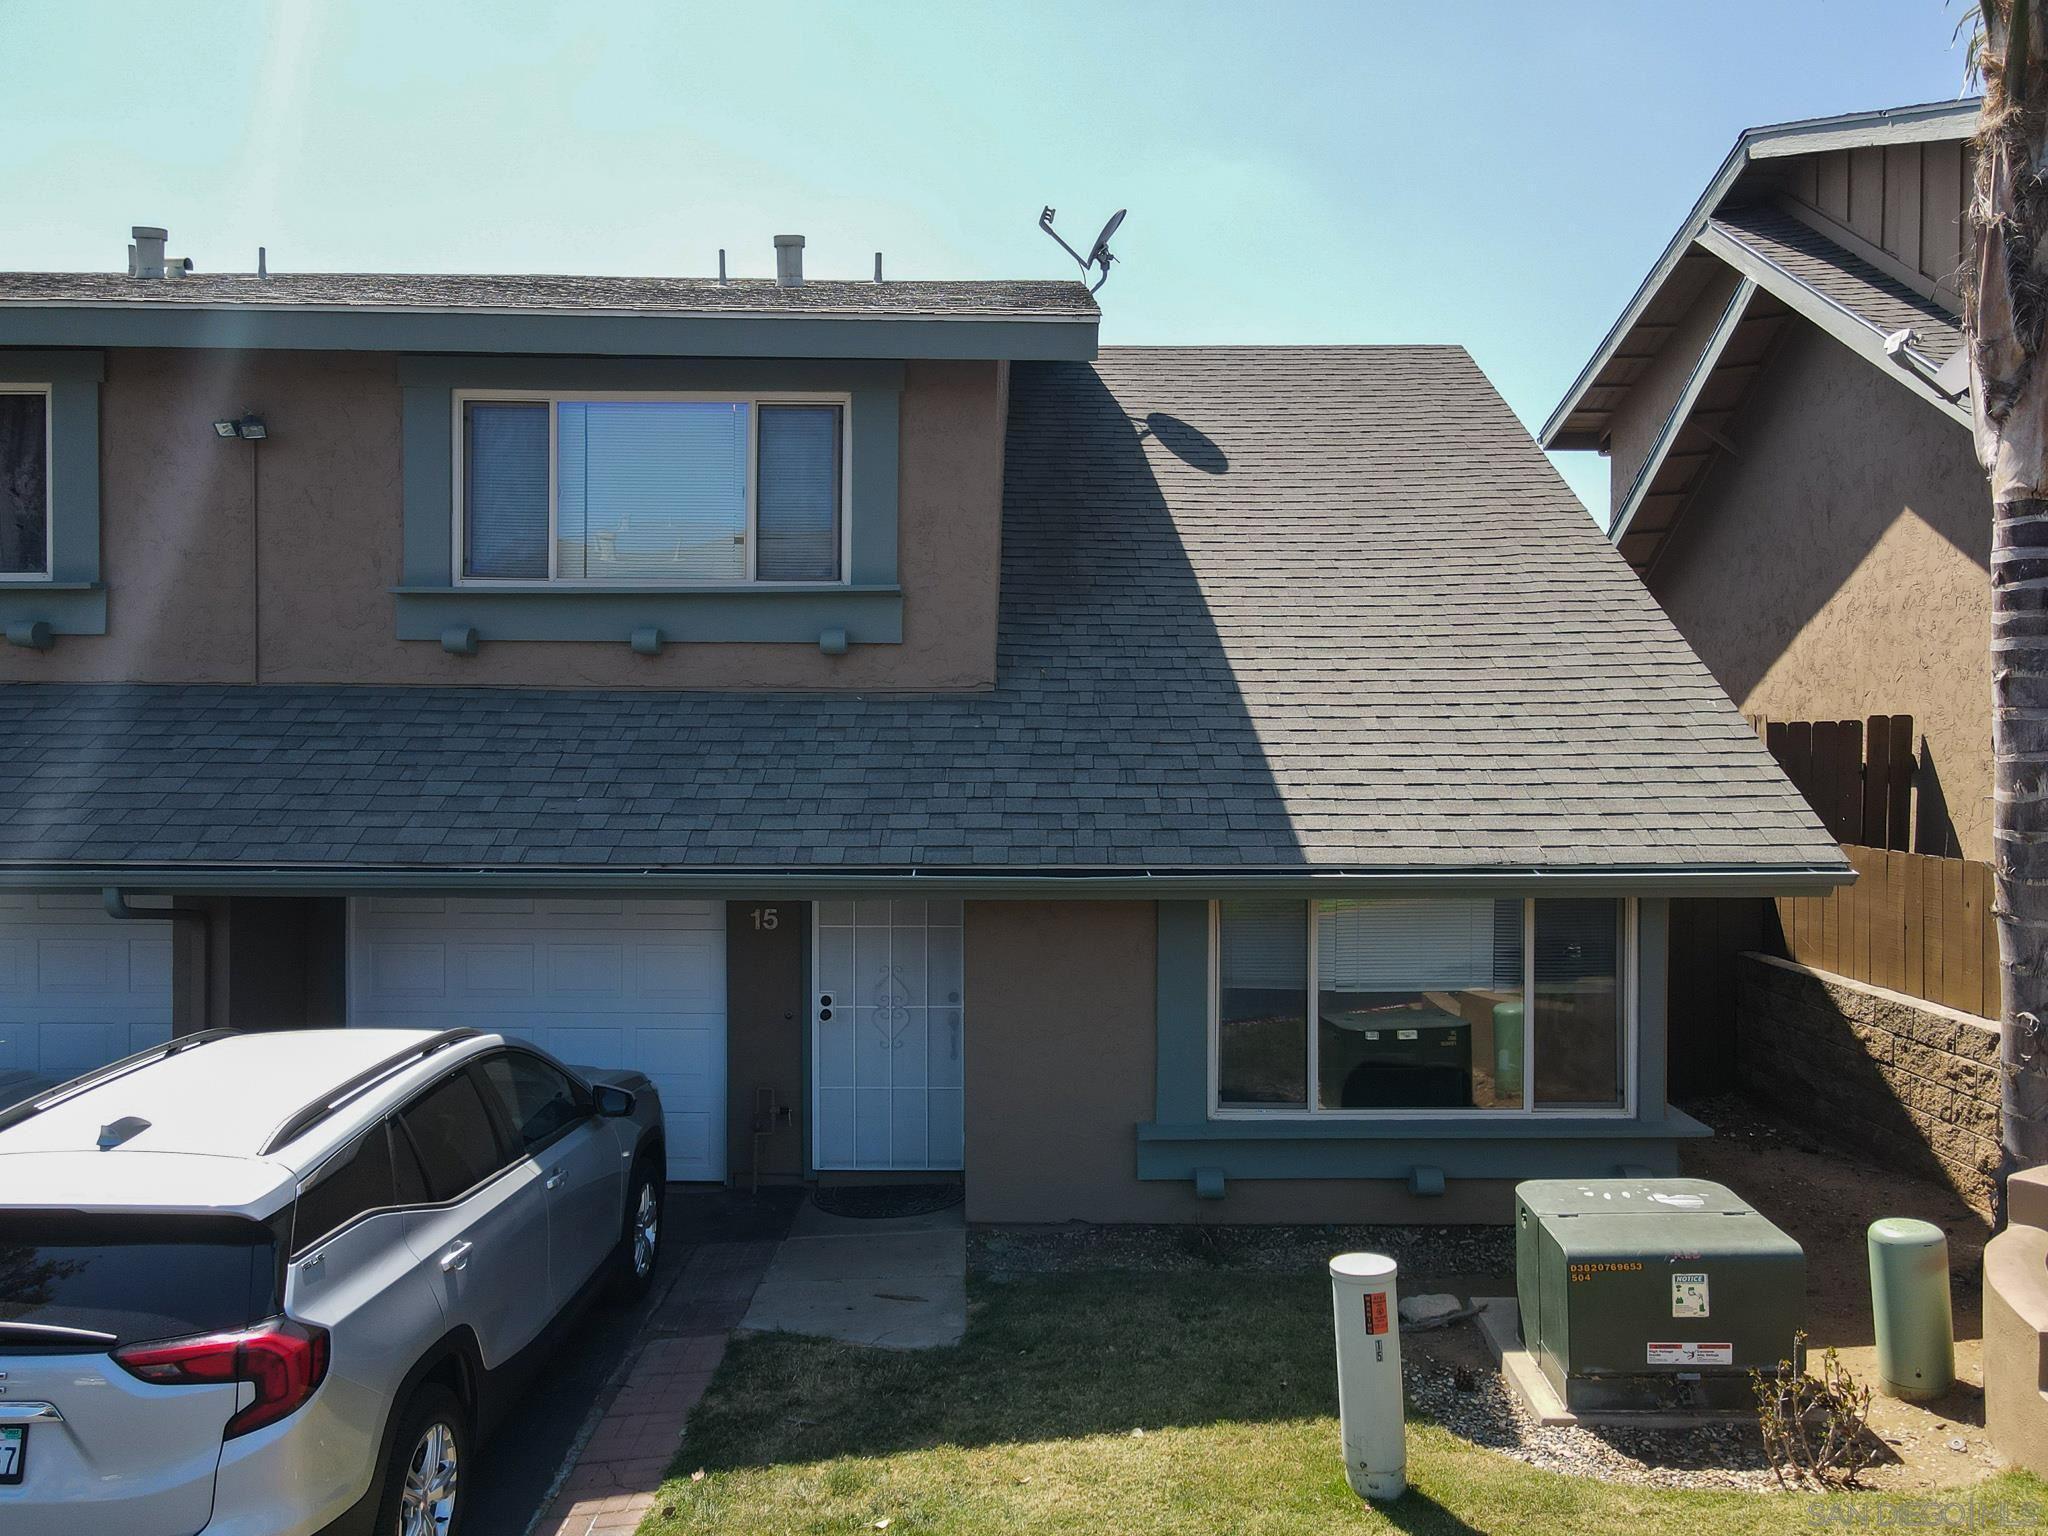 900 N N Citrus Ave 15, Vista, CA 92084